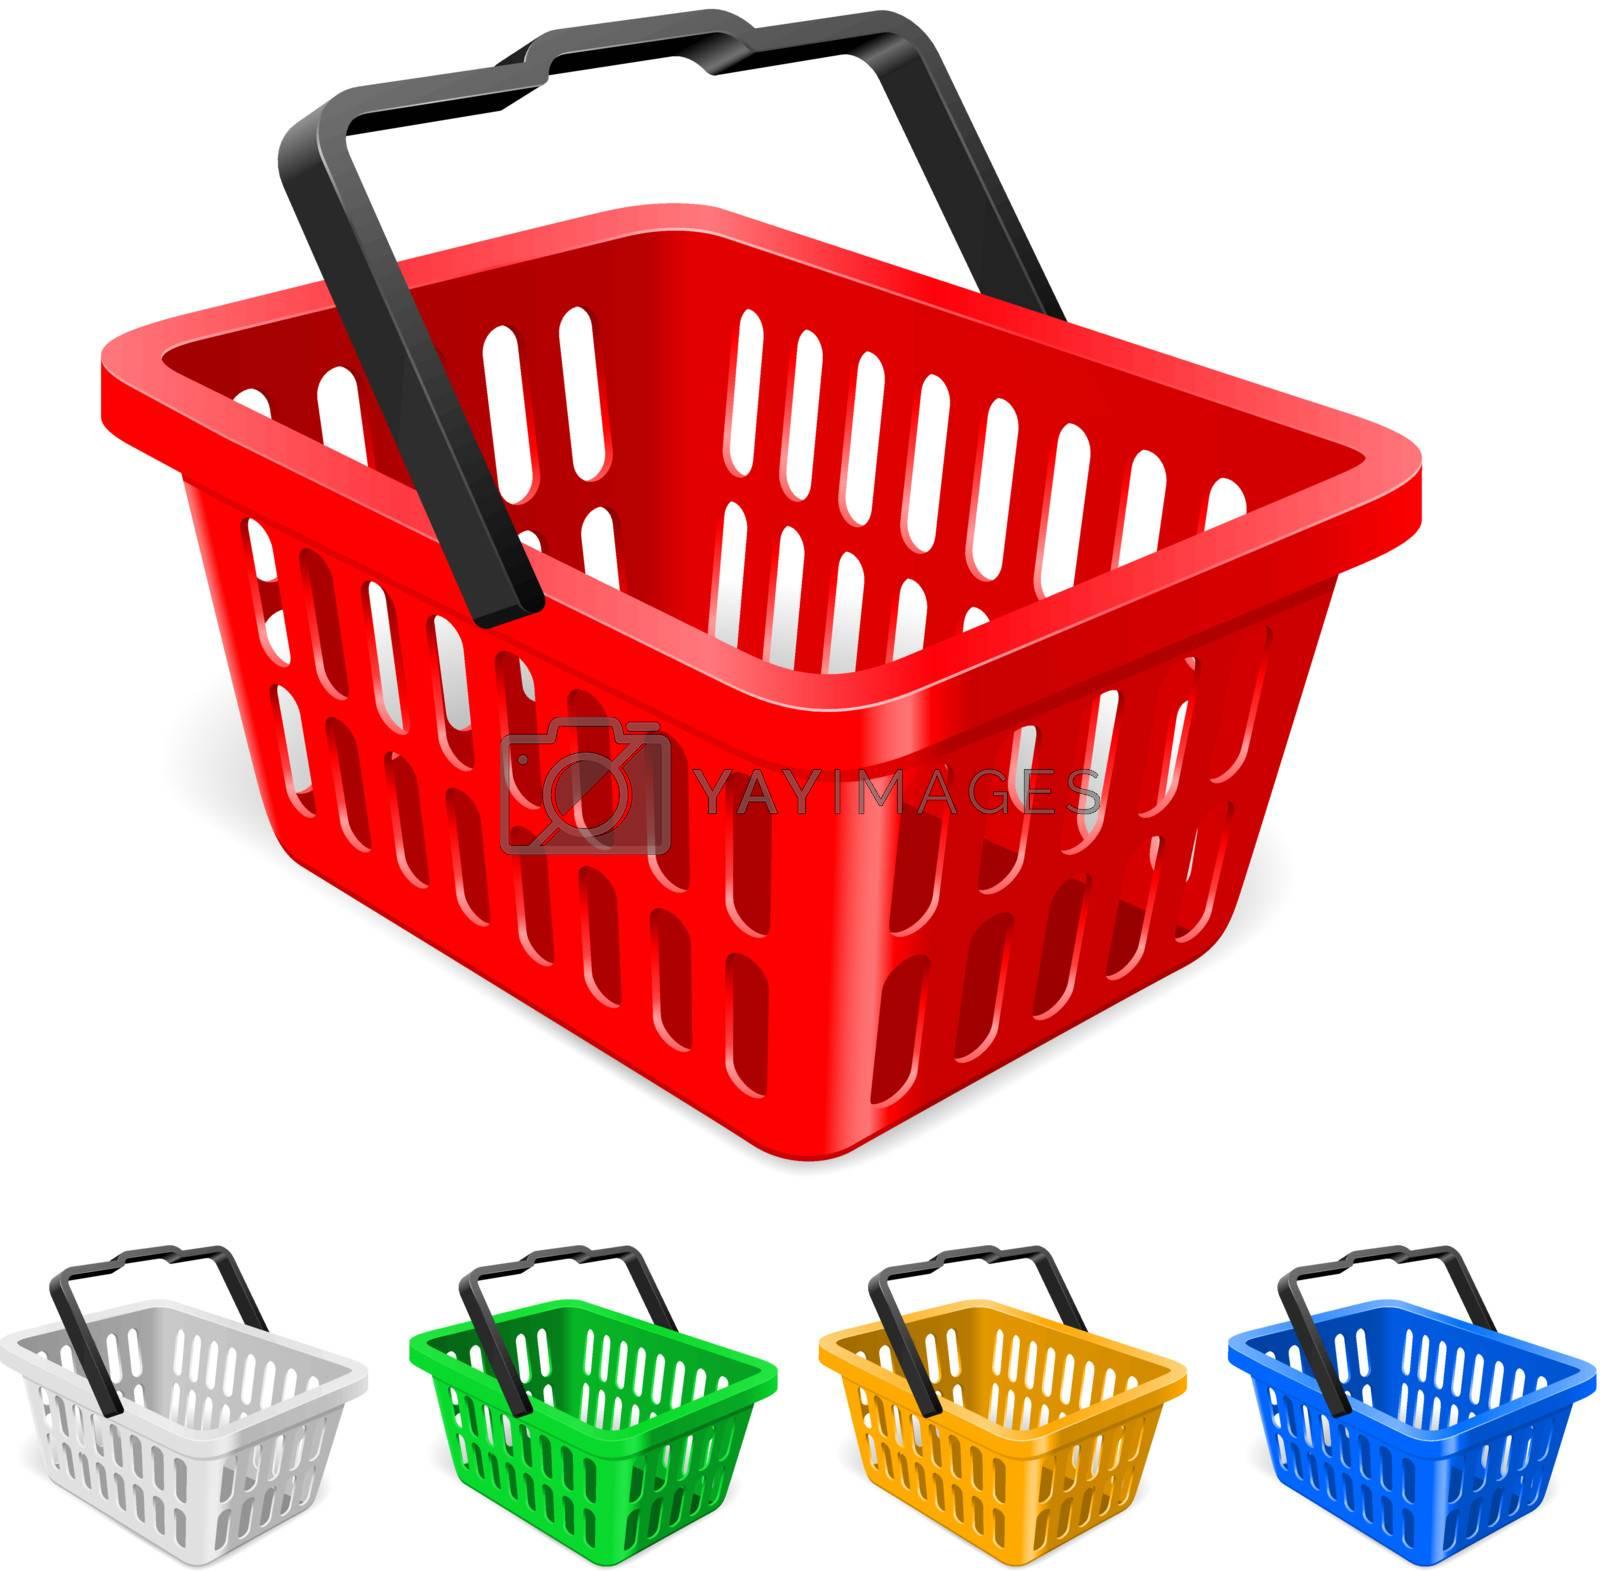 Colorful shopping basket. Illustration on white background